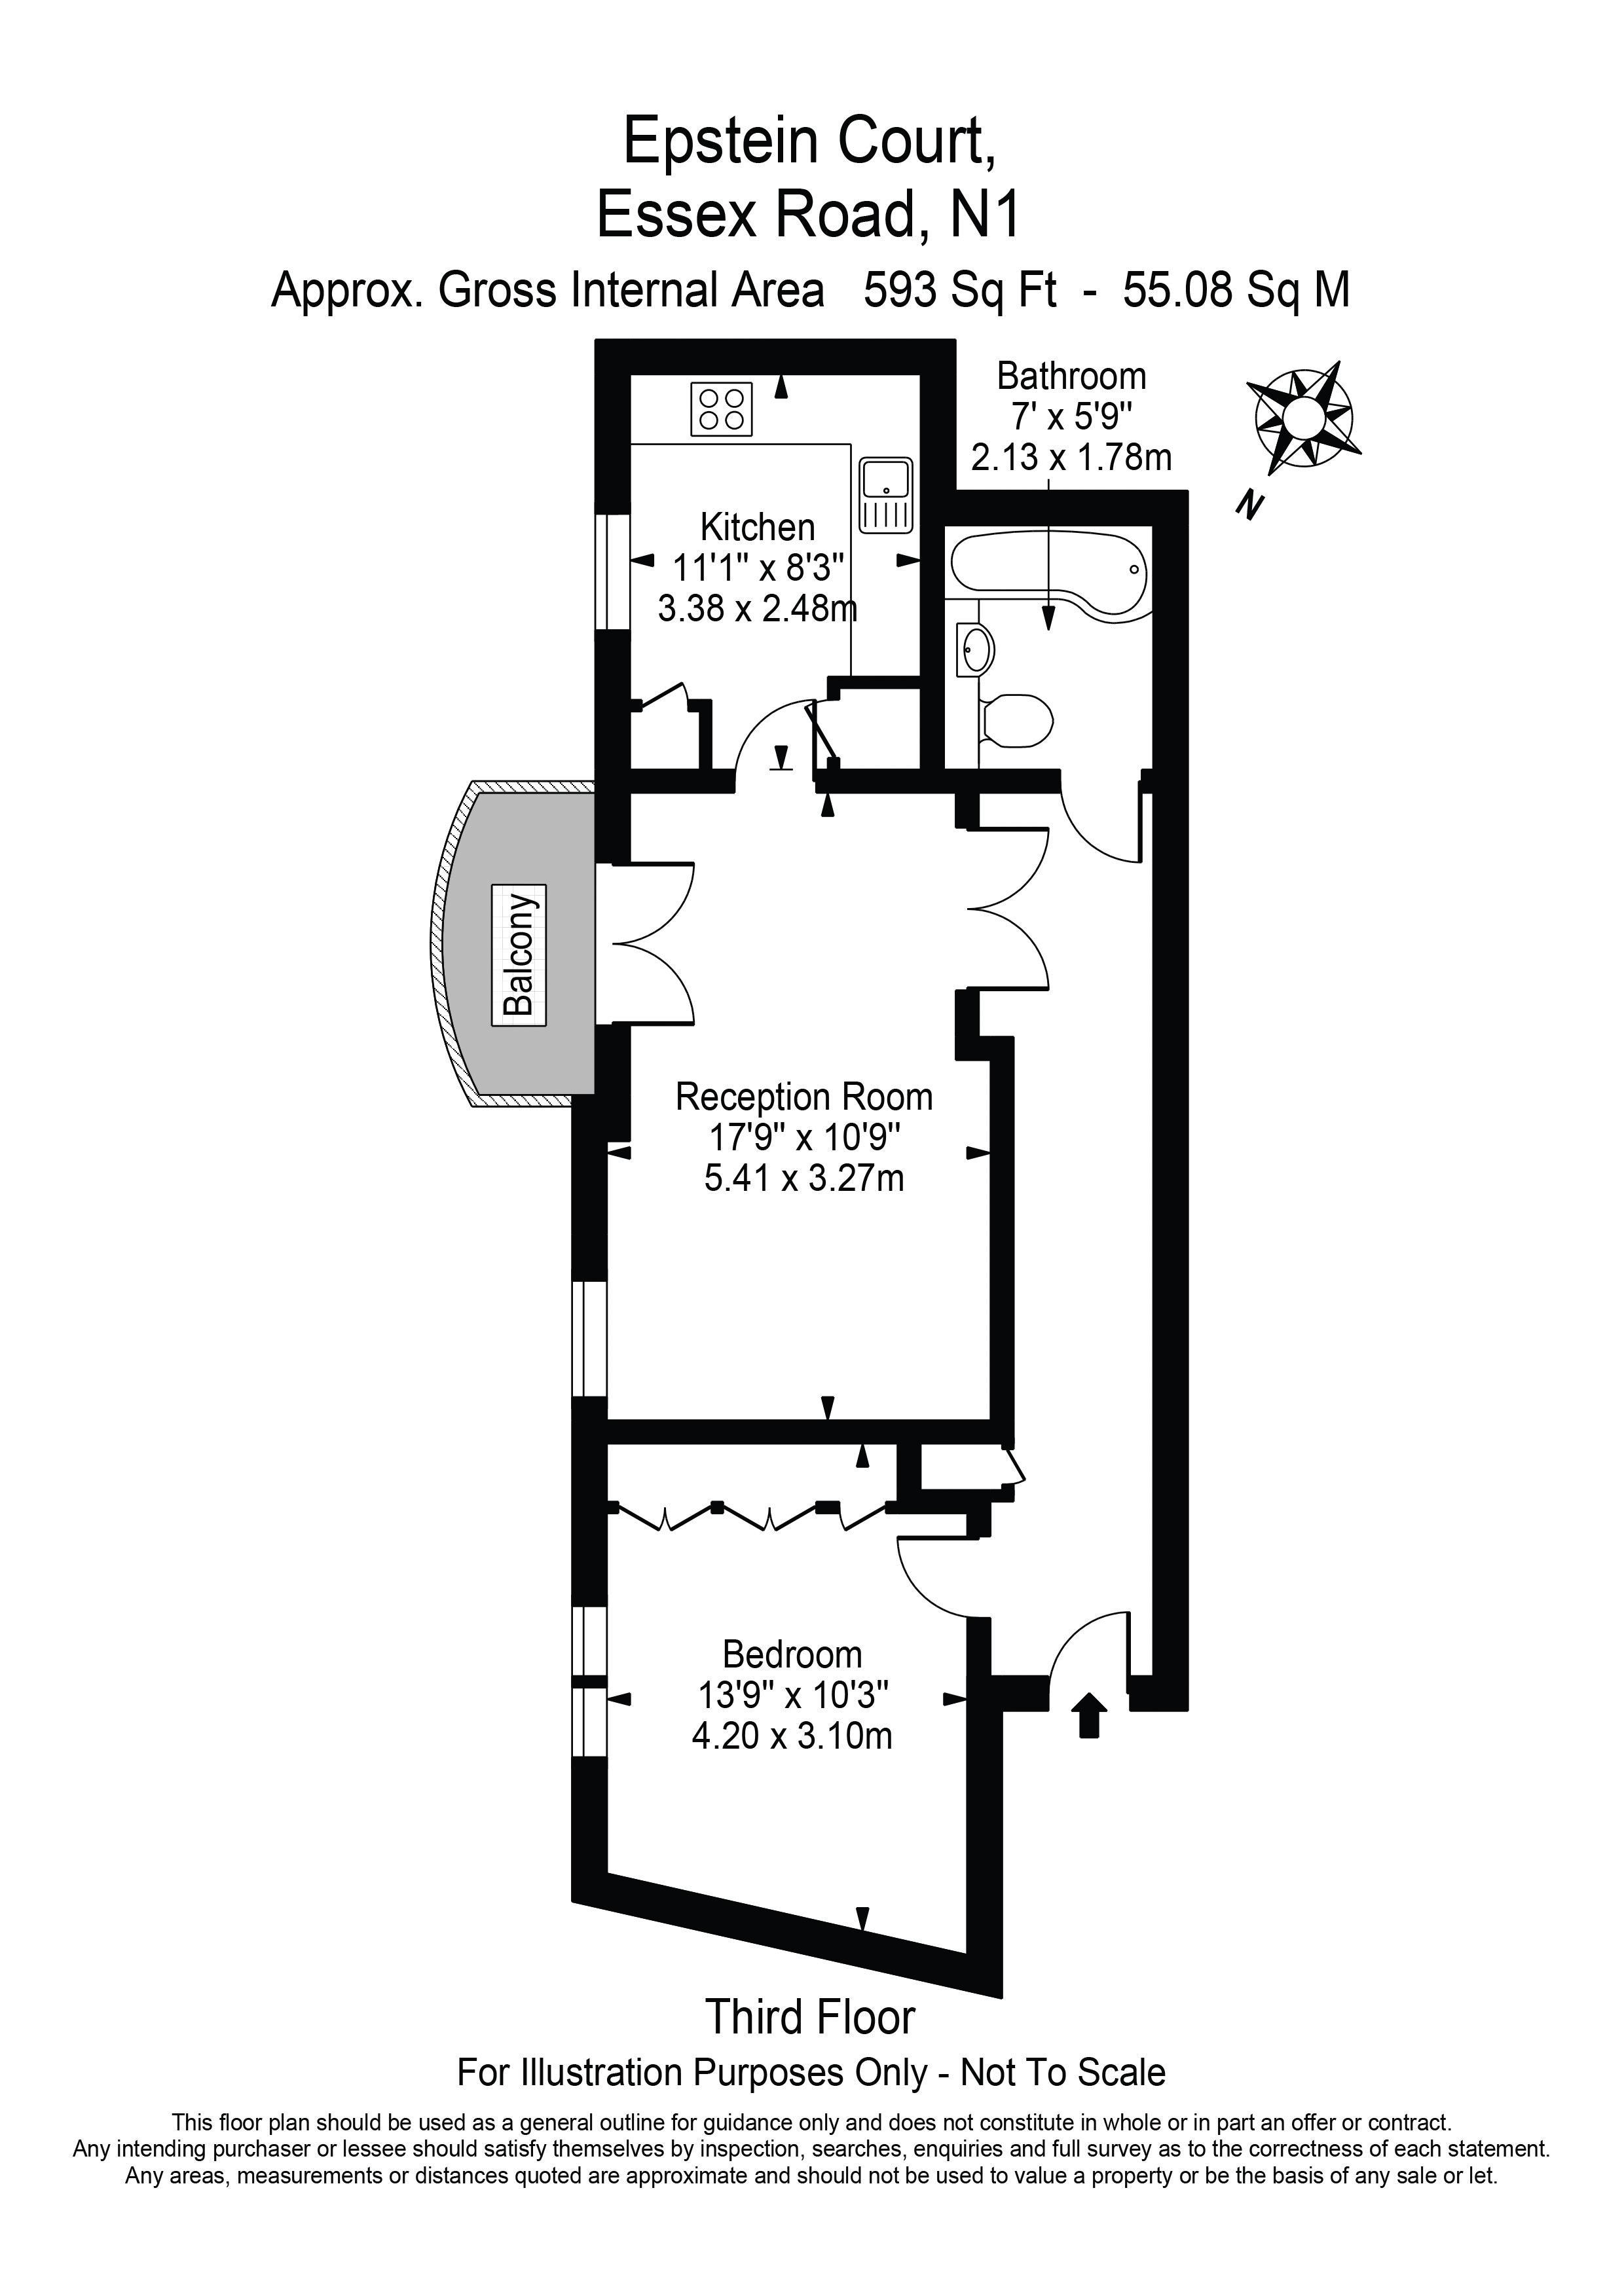 12, Epstein Court - Floorplan